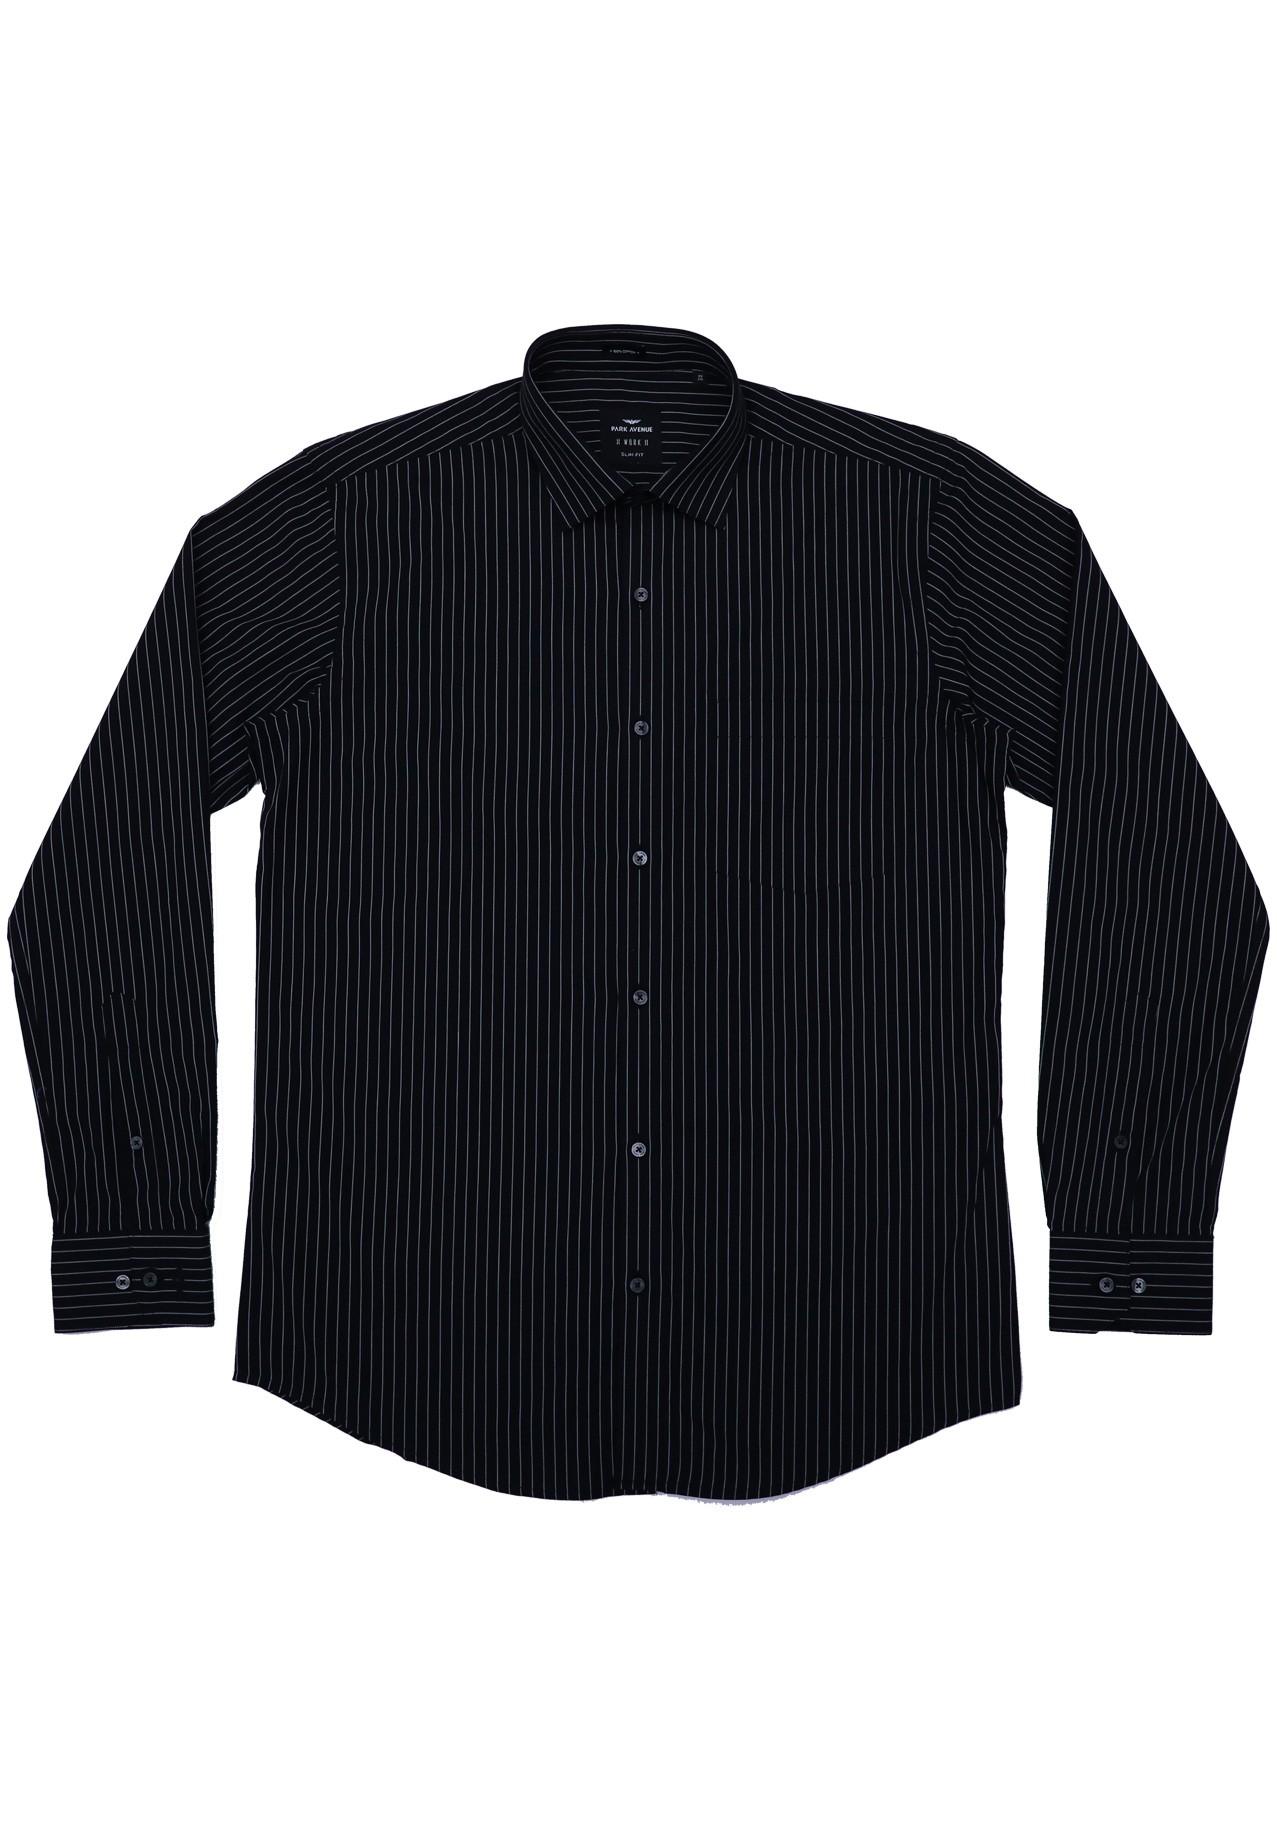 Park Avenue PMSX12282-K8 Mens Shirt, Size 42